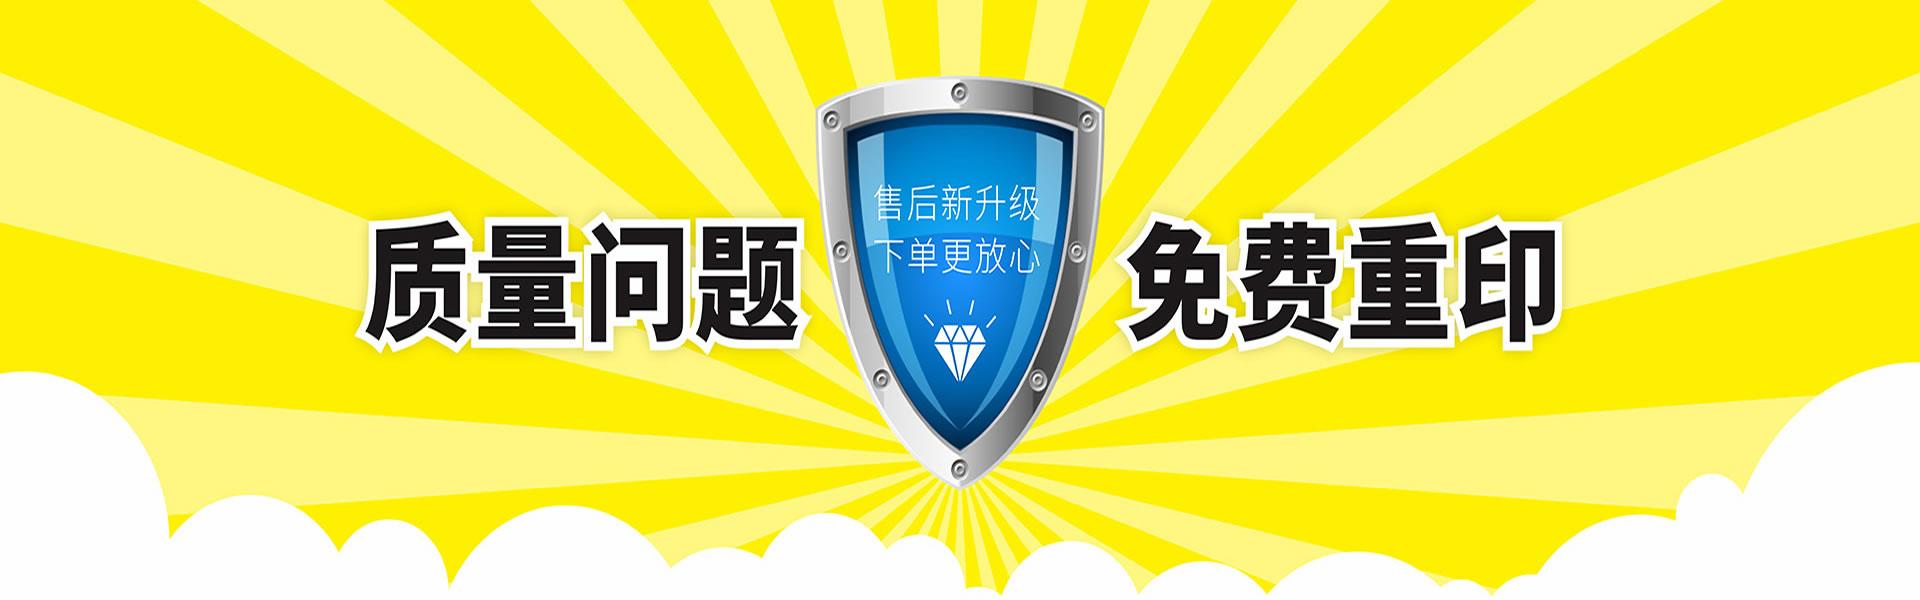 北京快乐8网站-首页_WelcomeeHED_不干胶标签生产厂家